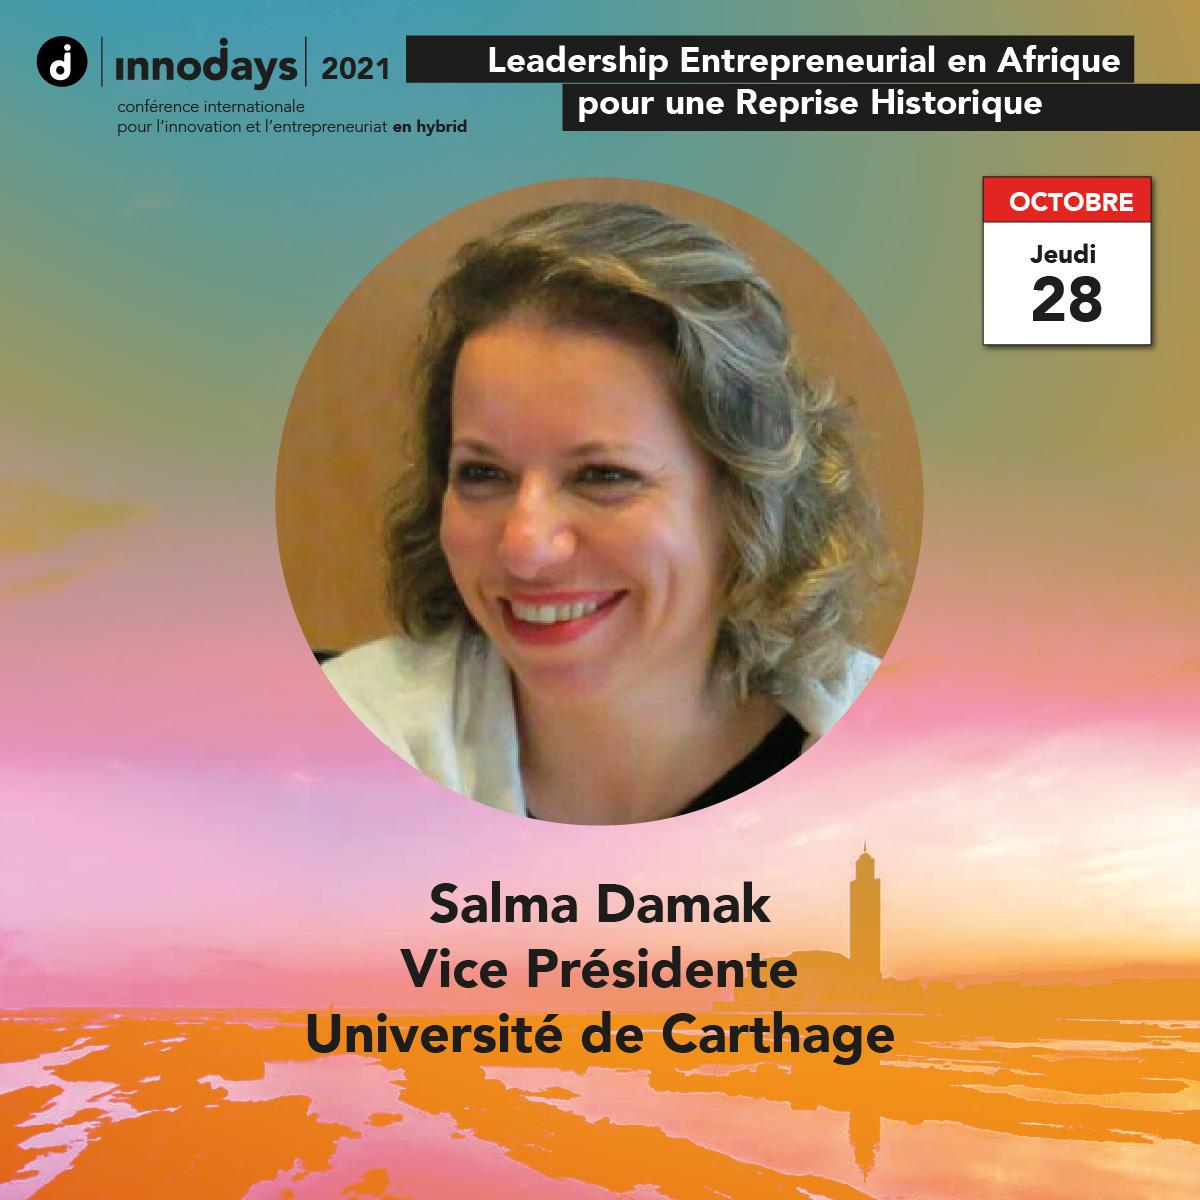 Salma Damak - Vice Présidente de l'Université de Carthage - Tunisie